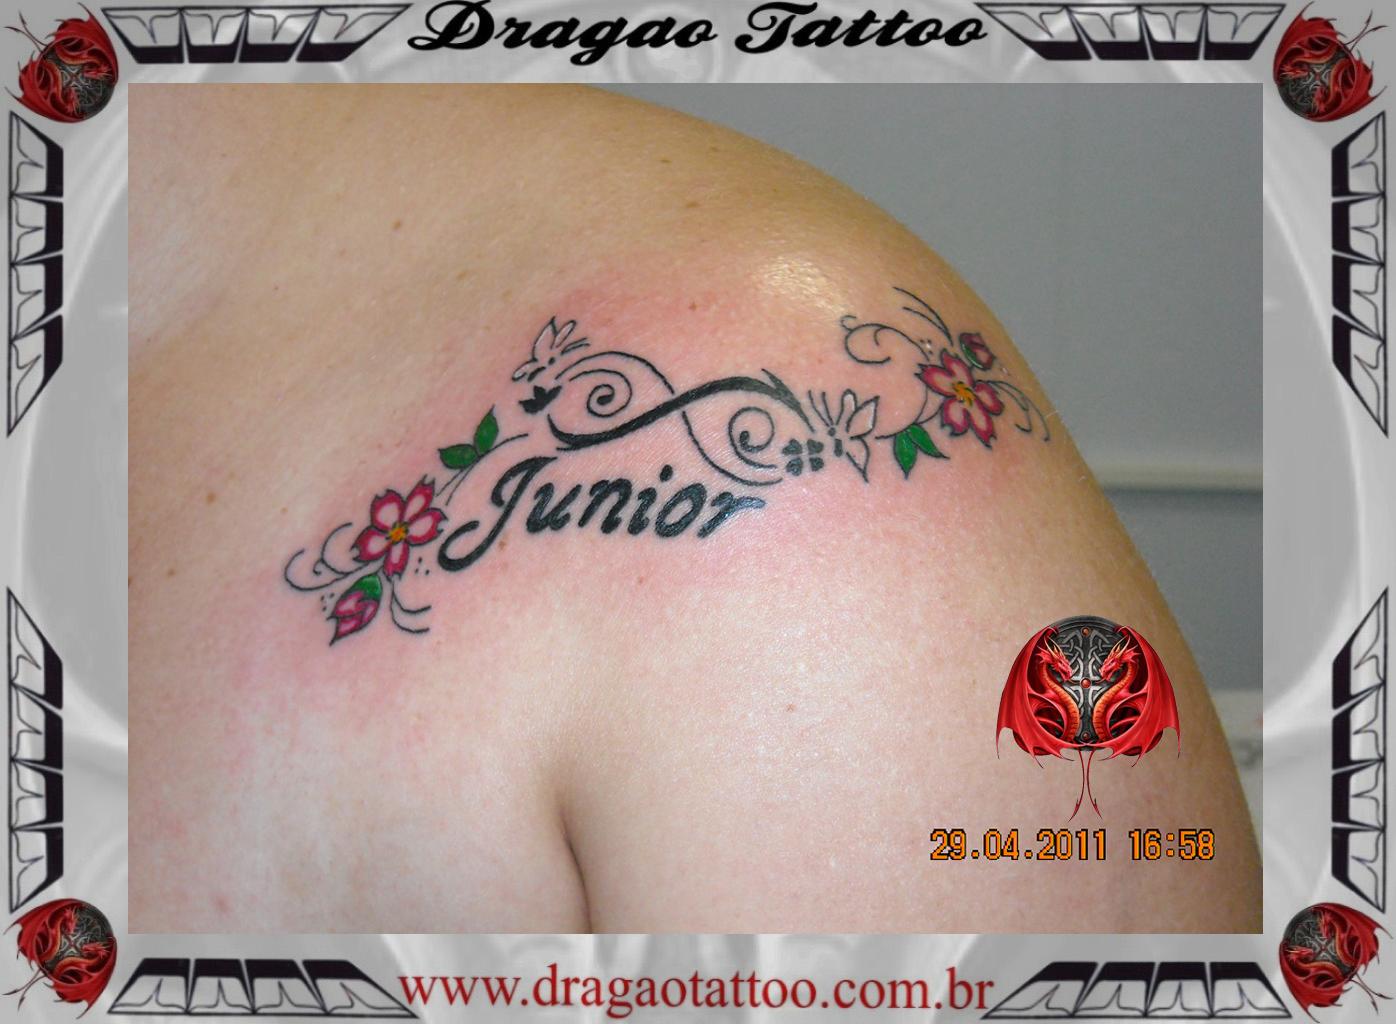 Tatuagens Femininas: 160 Fotos Perfeitas para inspirar! - Fotos De Tatuagem De Flores No Ombro